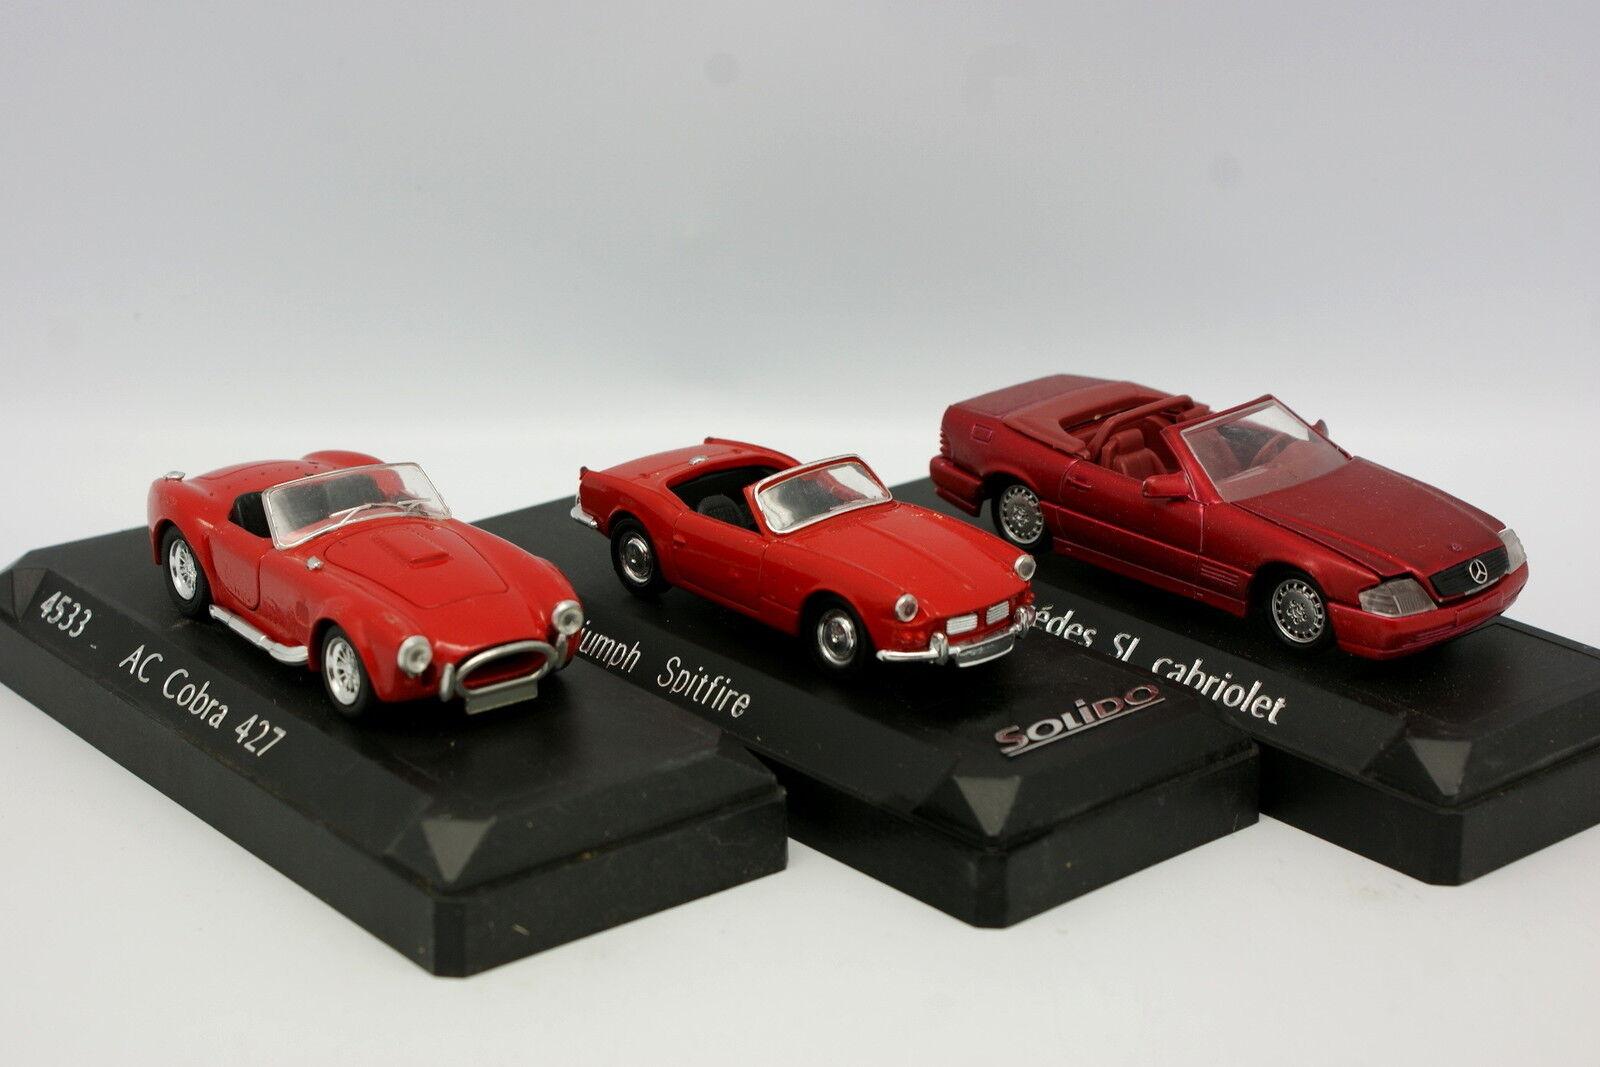 Solido 1 43 - Lot de 3 modèles